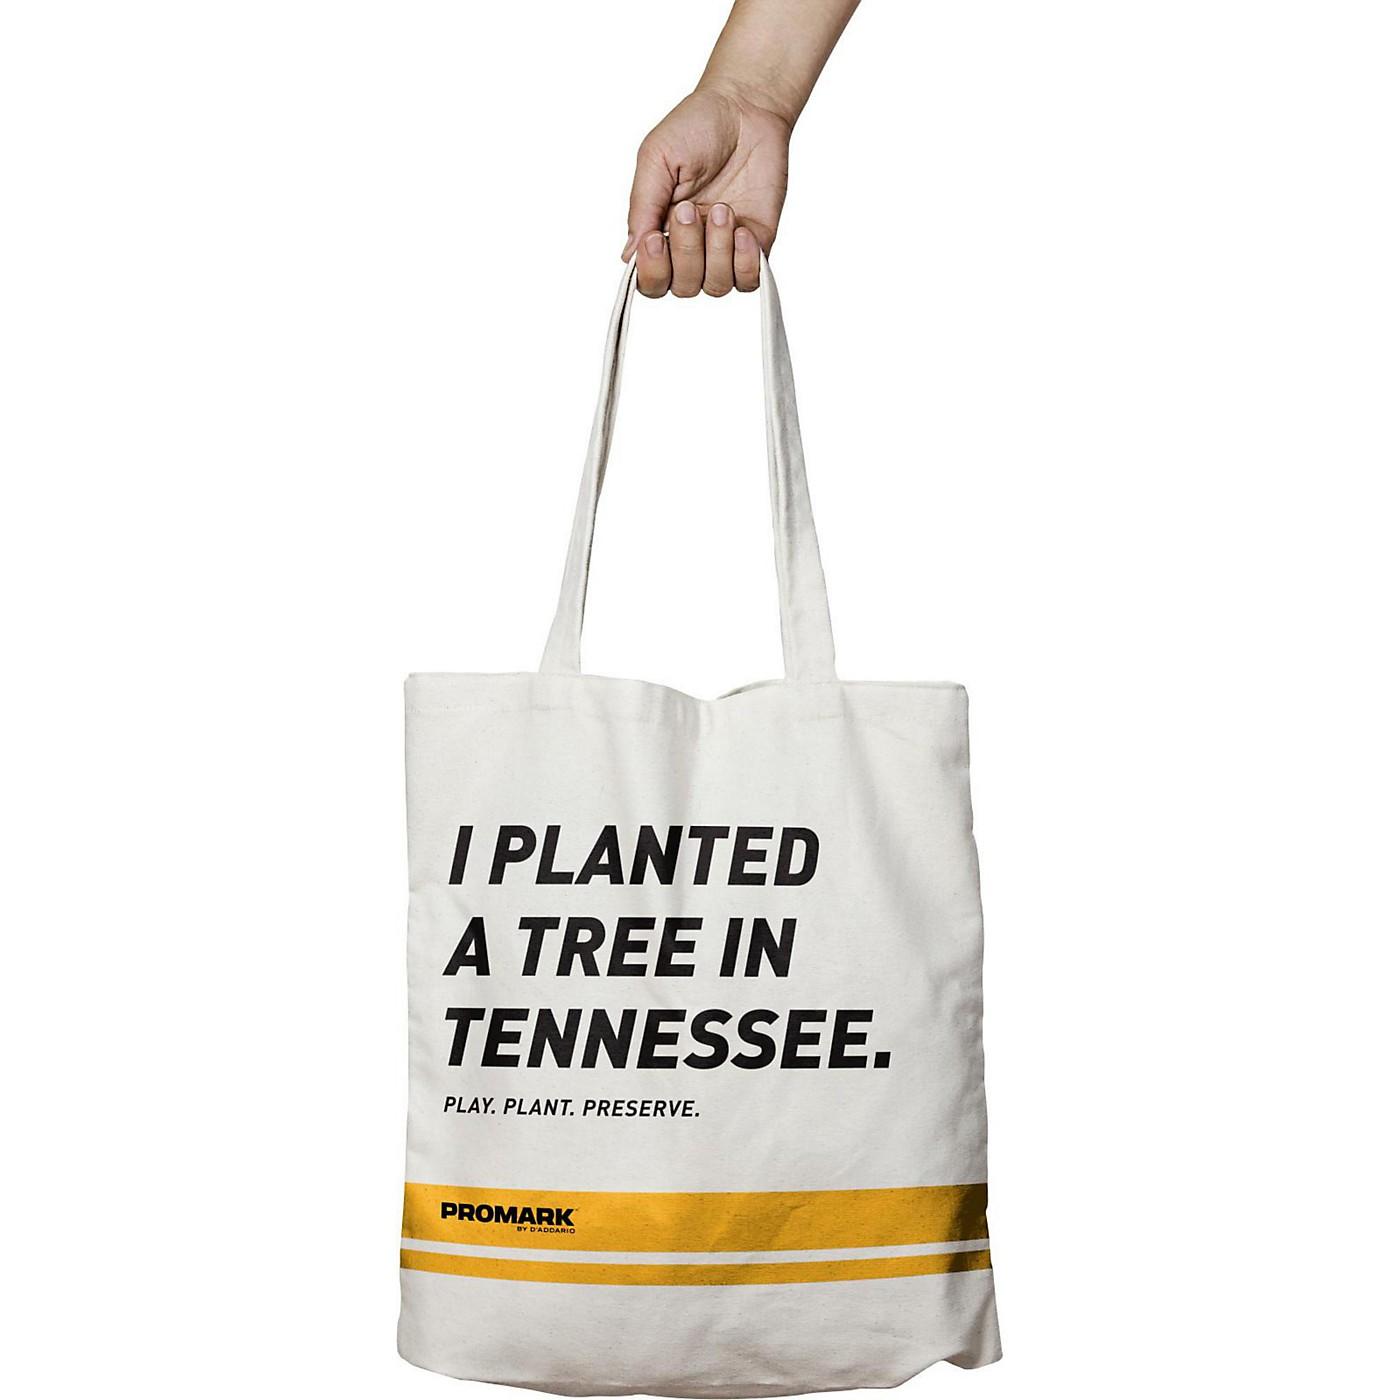 Promark Play Plant Preserve Tote Bag thumbnail